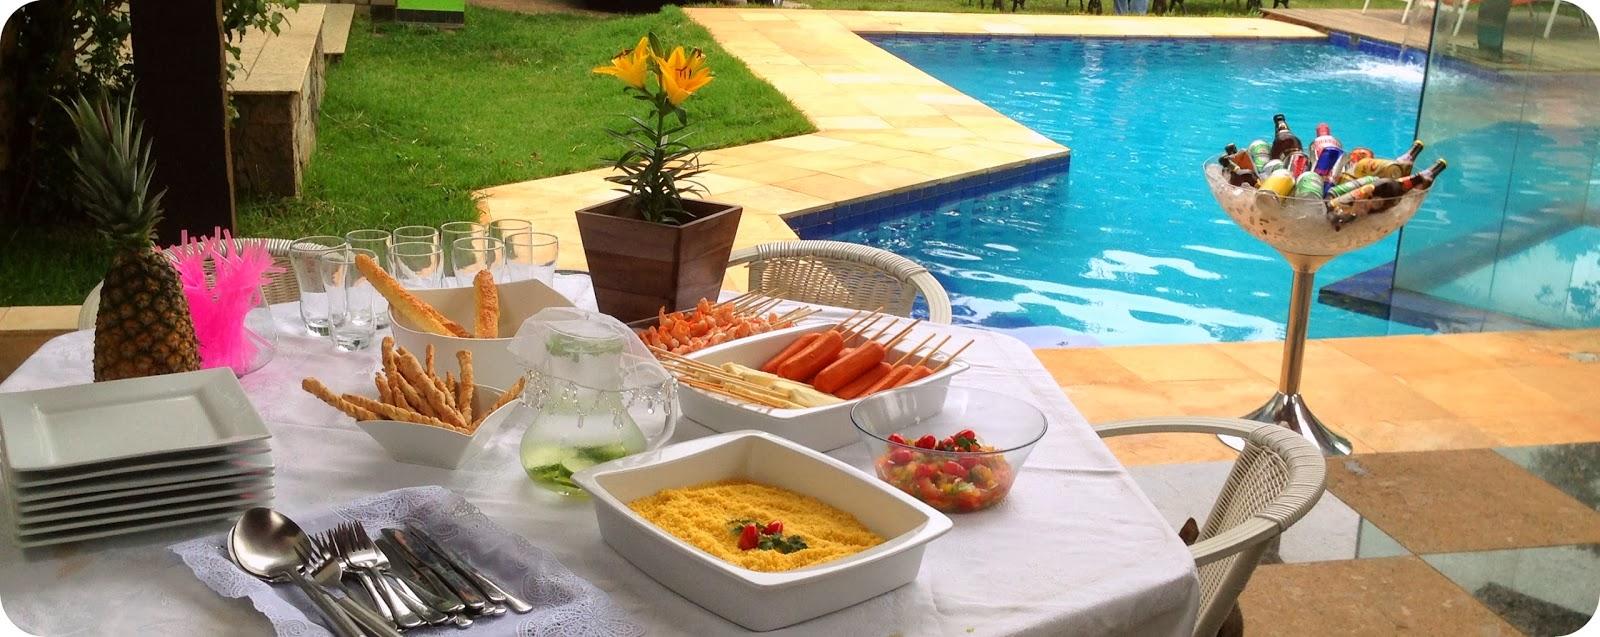 muitas vezes festa com churrasco decora o xz52 ivango